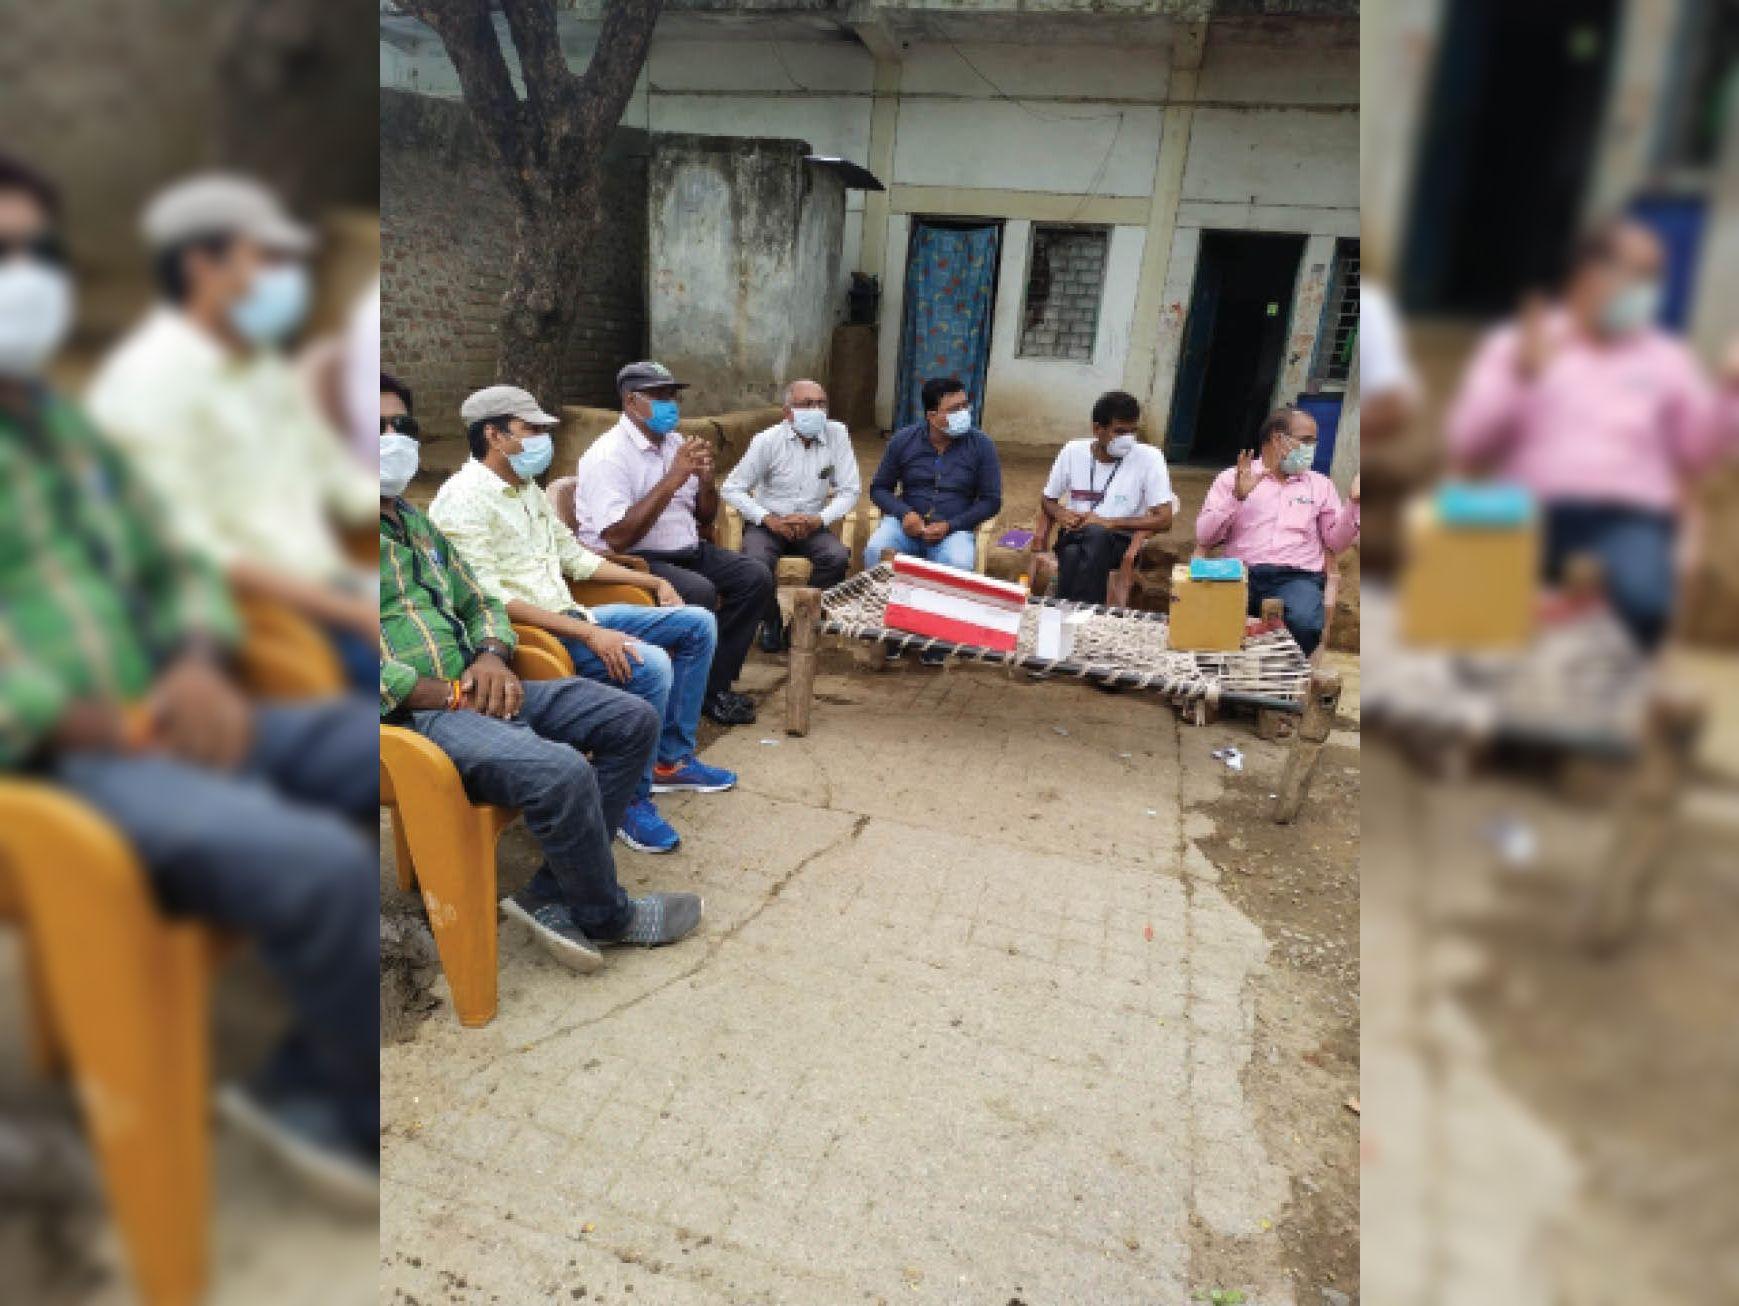 कुष्ठ रोगियों के साथ परिजन को रविवार को लगेगा कोरोना वैक्सीन|खंडवा,Khandwa - Dainik Bhaskar